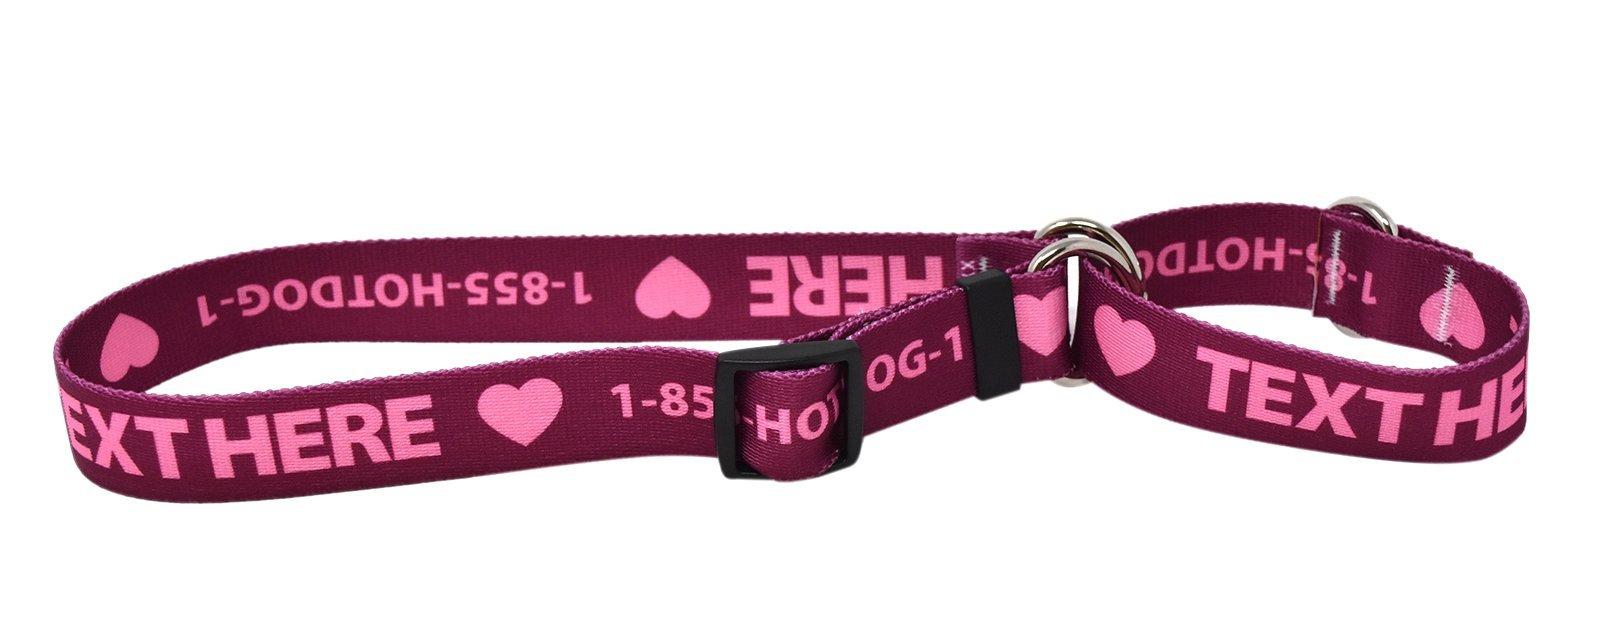 Custom Personalized Martingale Dog Collar, Plum, Medium